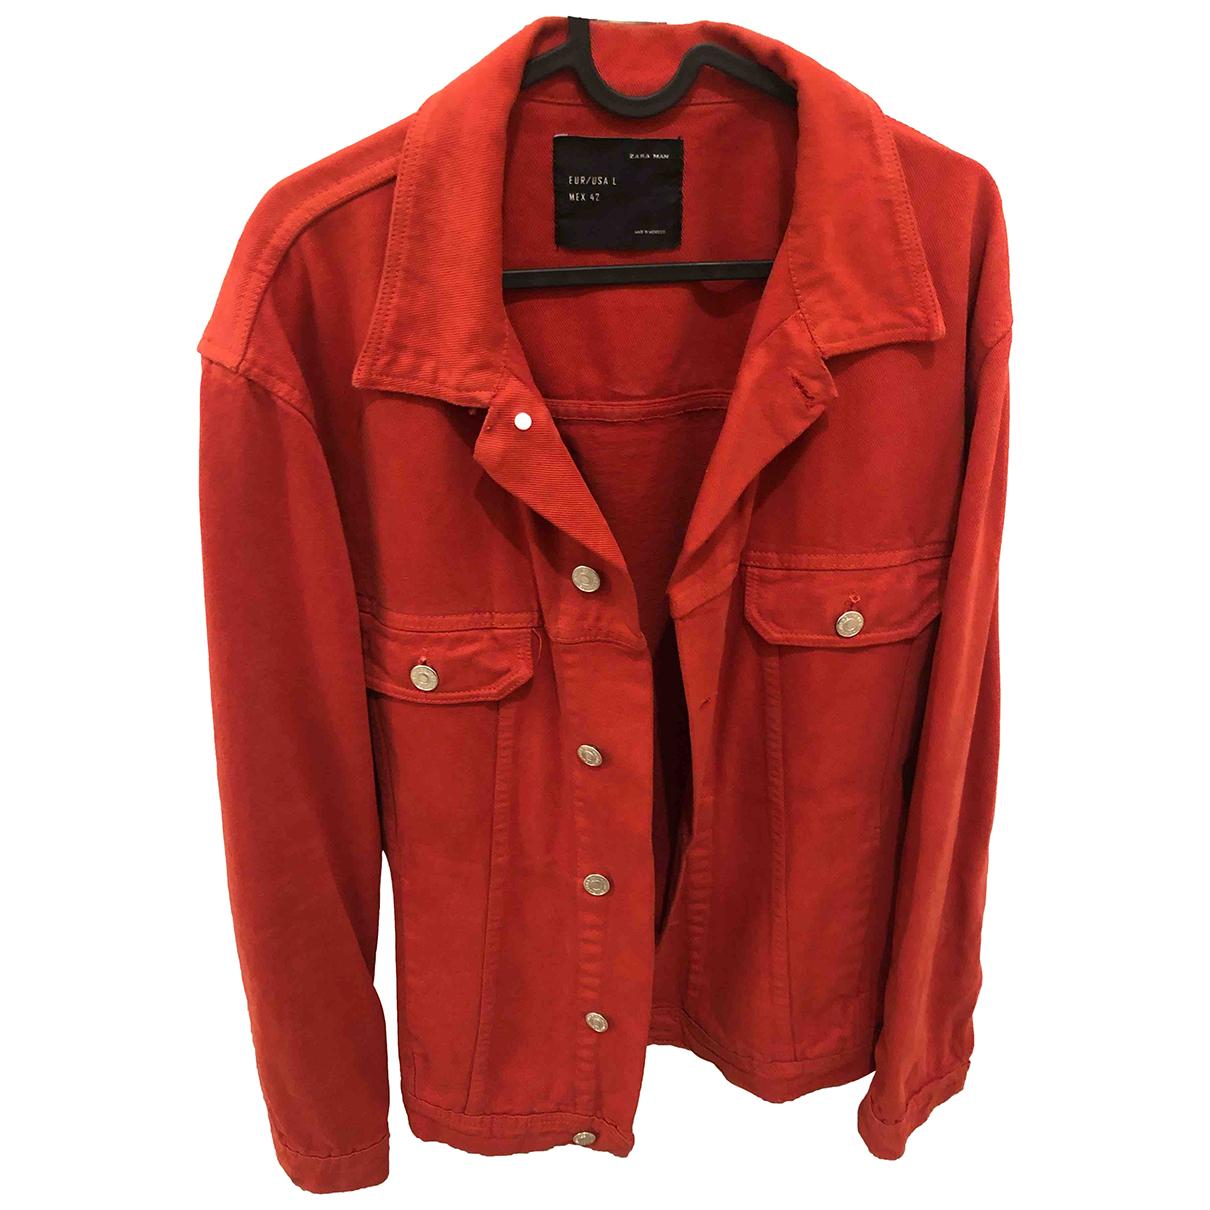 Zara - Vestes.Blousons   pour homme en denim - rouge